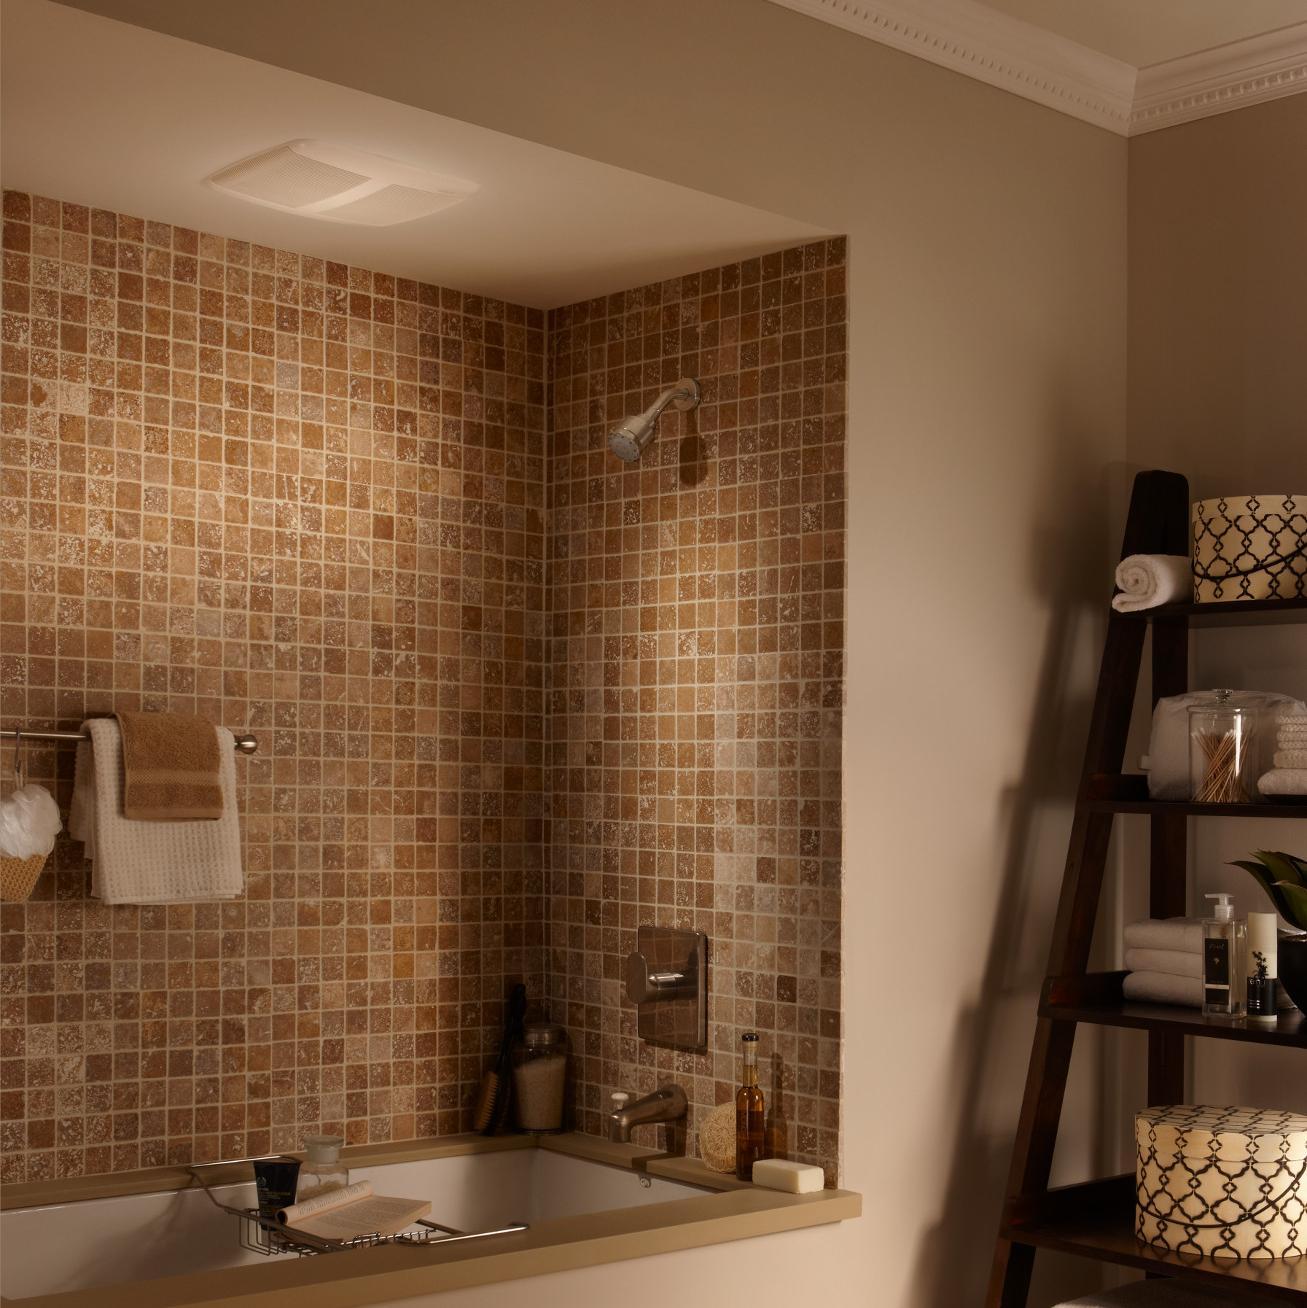 Broan QTRE080 Ultra Silent Bath Fan